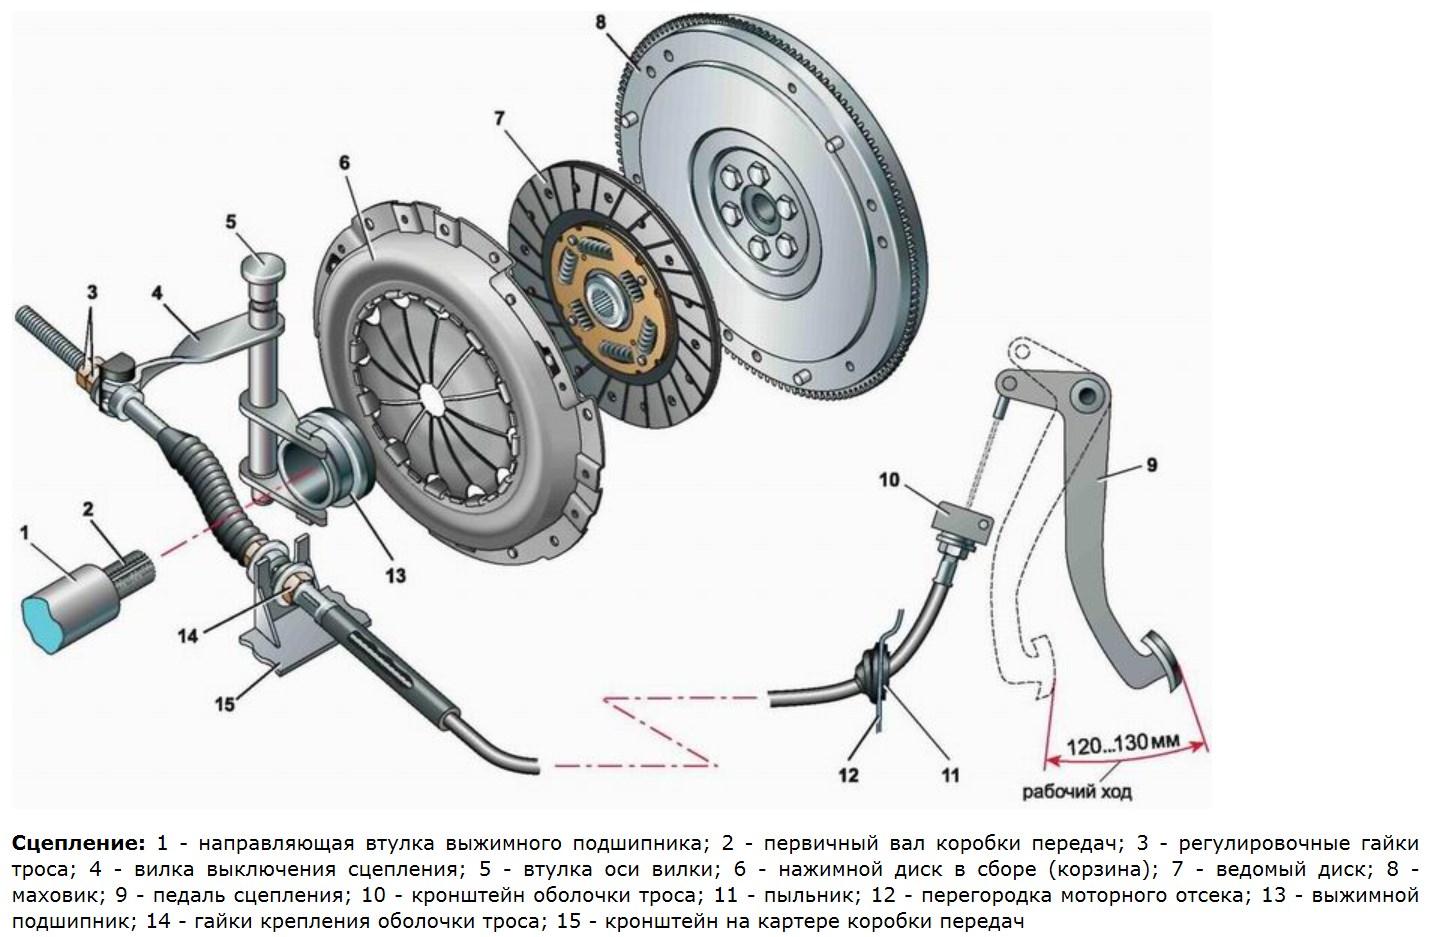 Сцепление автомобиля – назначение, типы сцепления, устройство, принцип работы